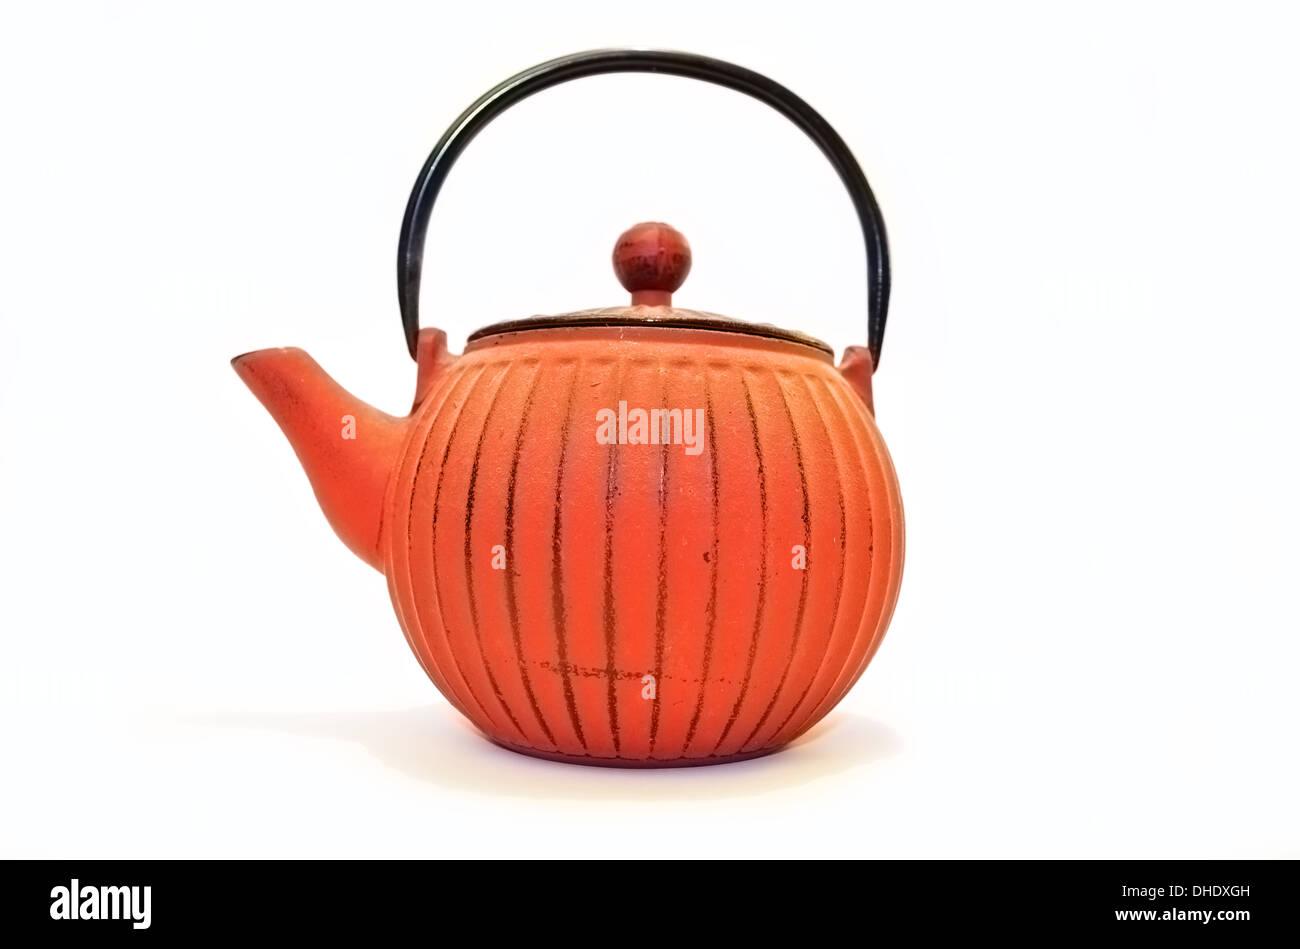 Tea pot - Stock Image